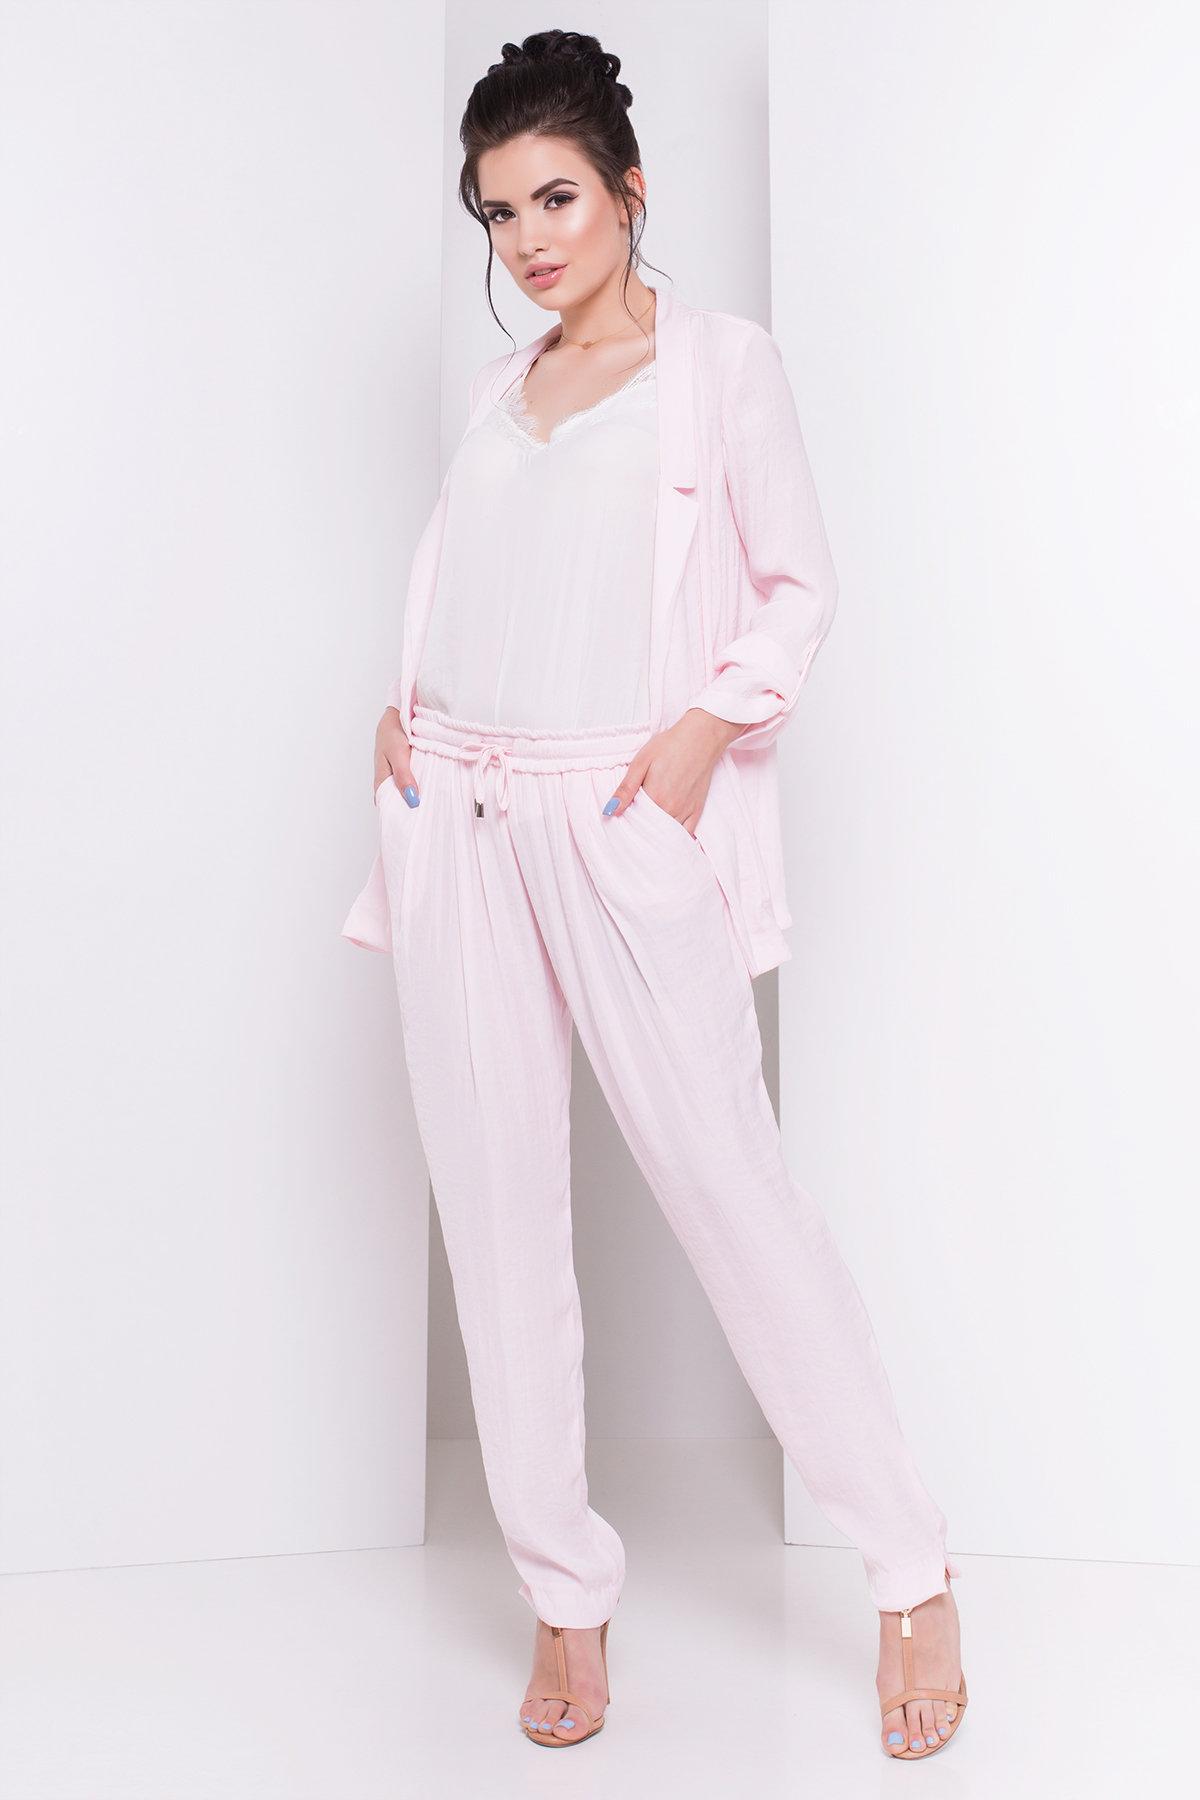 Женская одежда от производителя Modus Жакет Лоа 3177